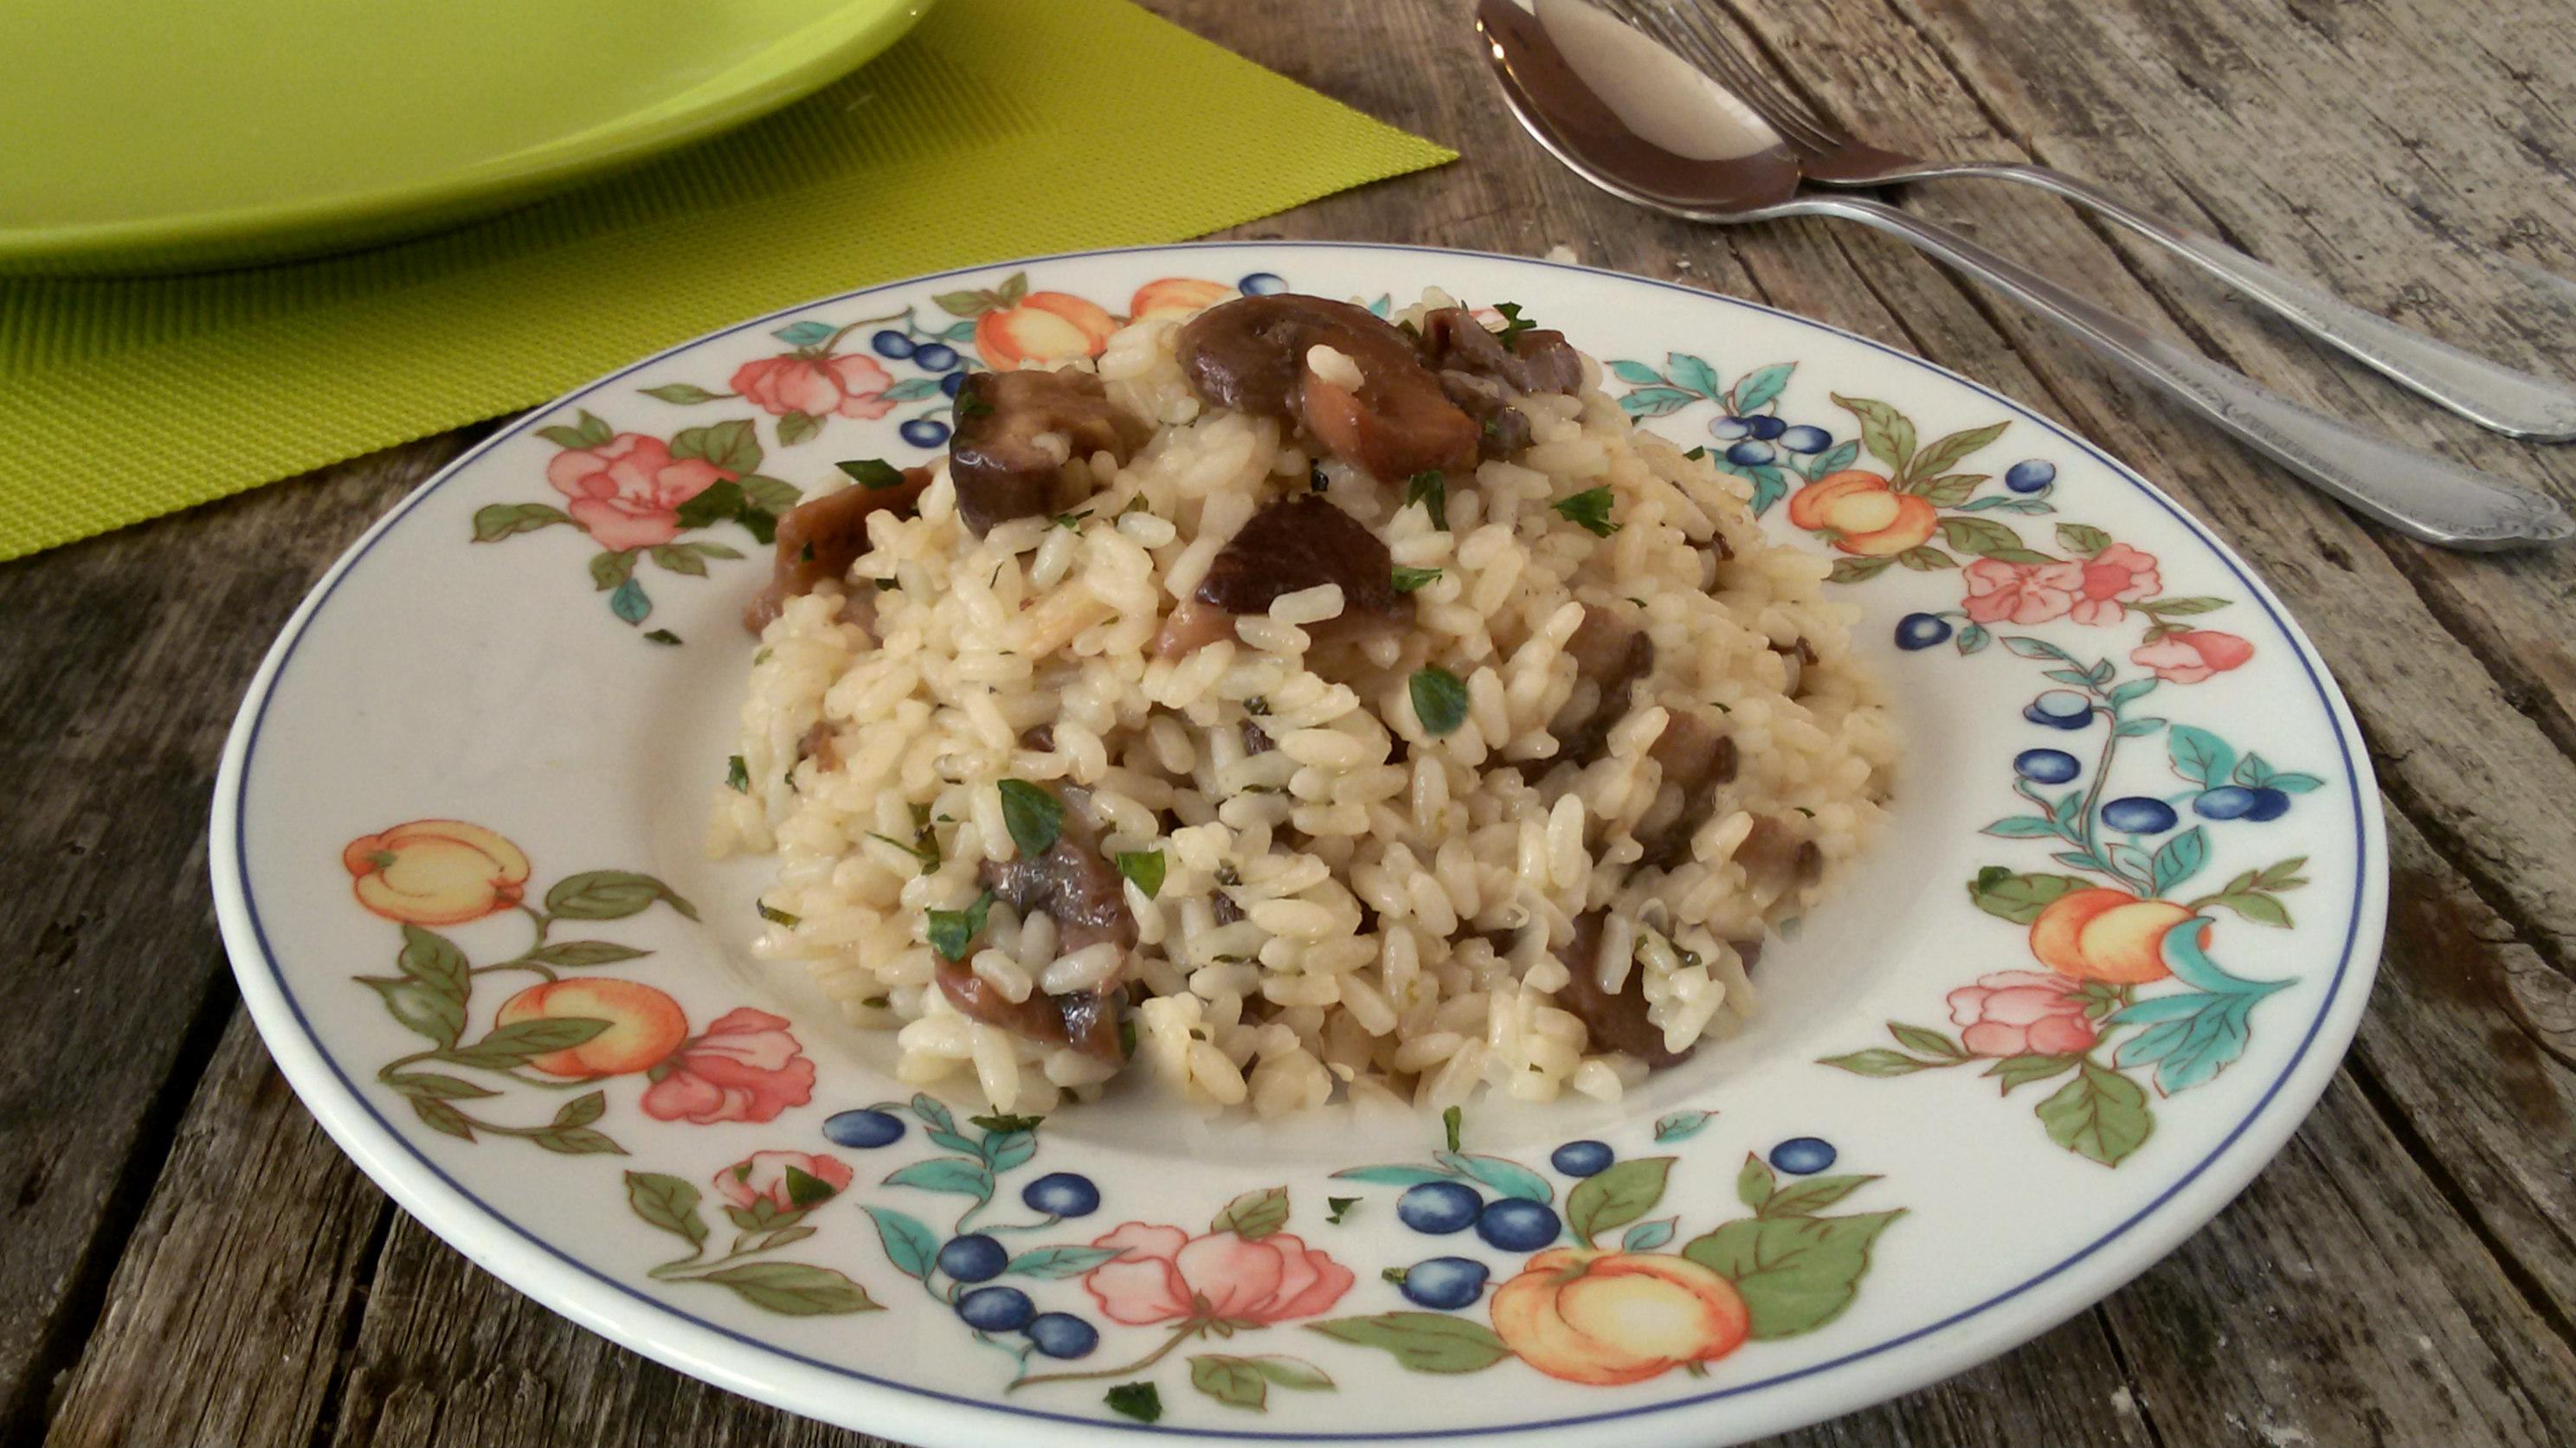 Risotto ai funghi porcini ricetta tradizionale